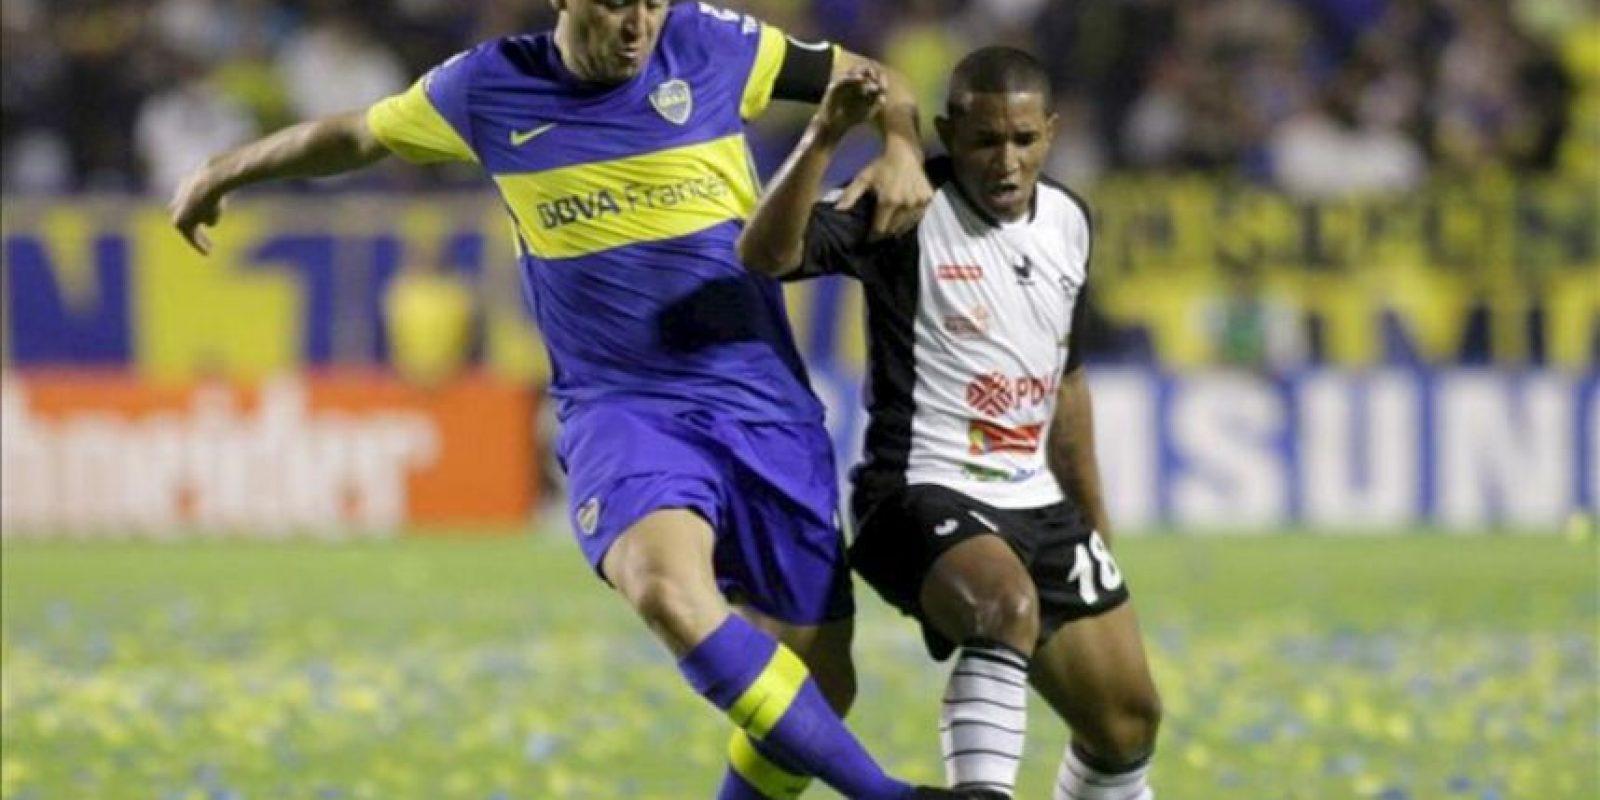 El jugador Juan Roman Riquelme (i) de Boca Juniors, lucha por el balón con Oscar Noriega (d) de Zamora, en un partido por la segunda fase del grupo cuatro de la Copa Libertadores 2012 en el estadio Diego J. Armando mas conocido como la Bombonera. EFE